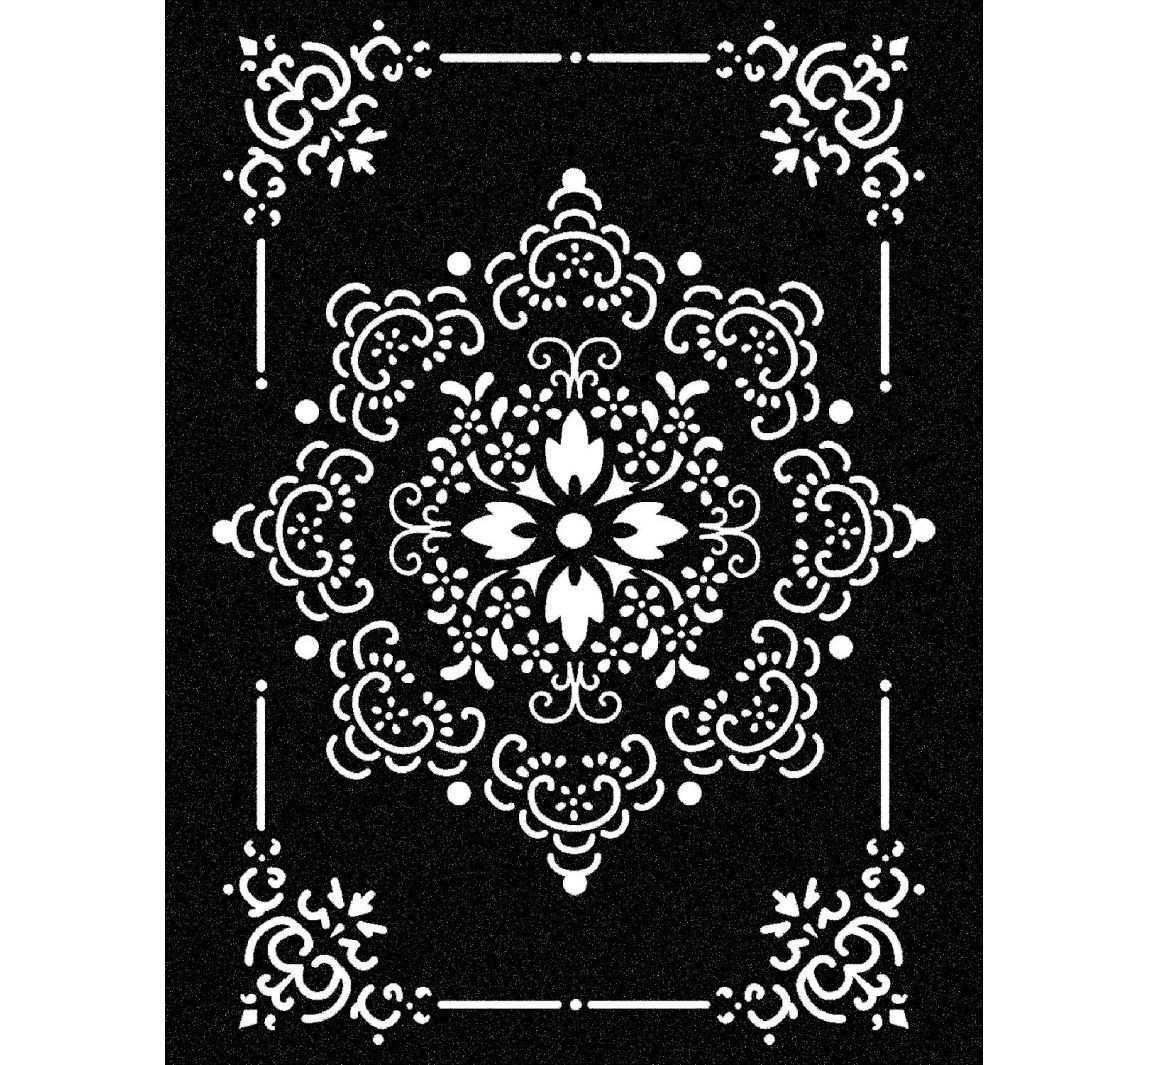 Schablone Ornament Stamperia Schablonen Schablone Fur Wand Schablone Designs